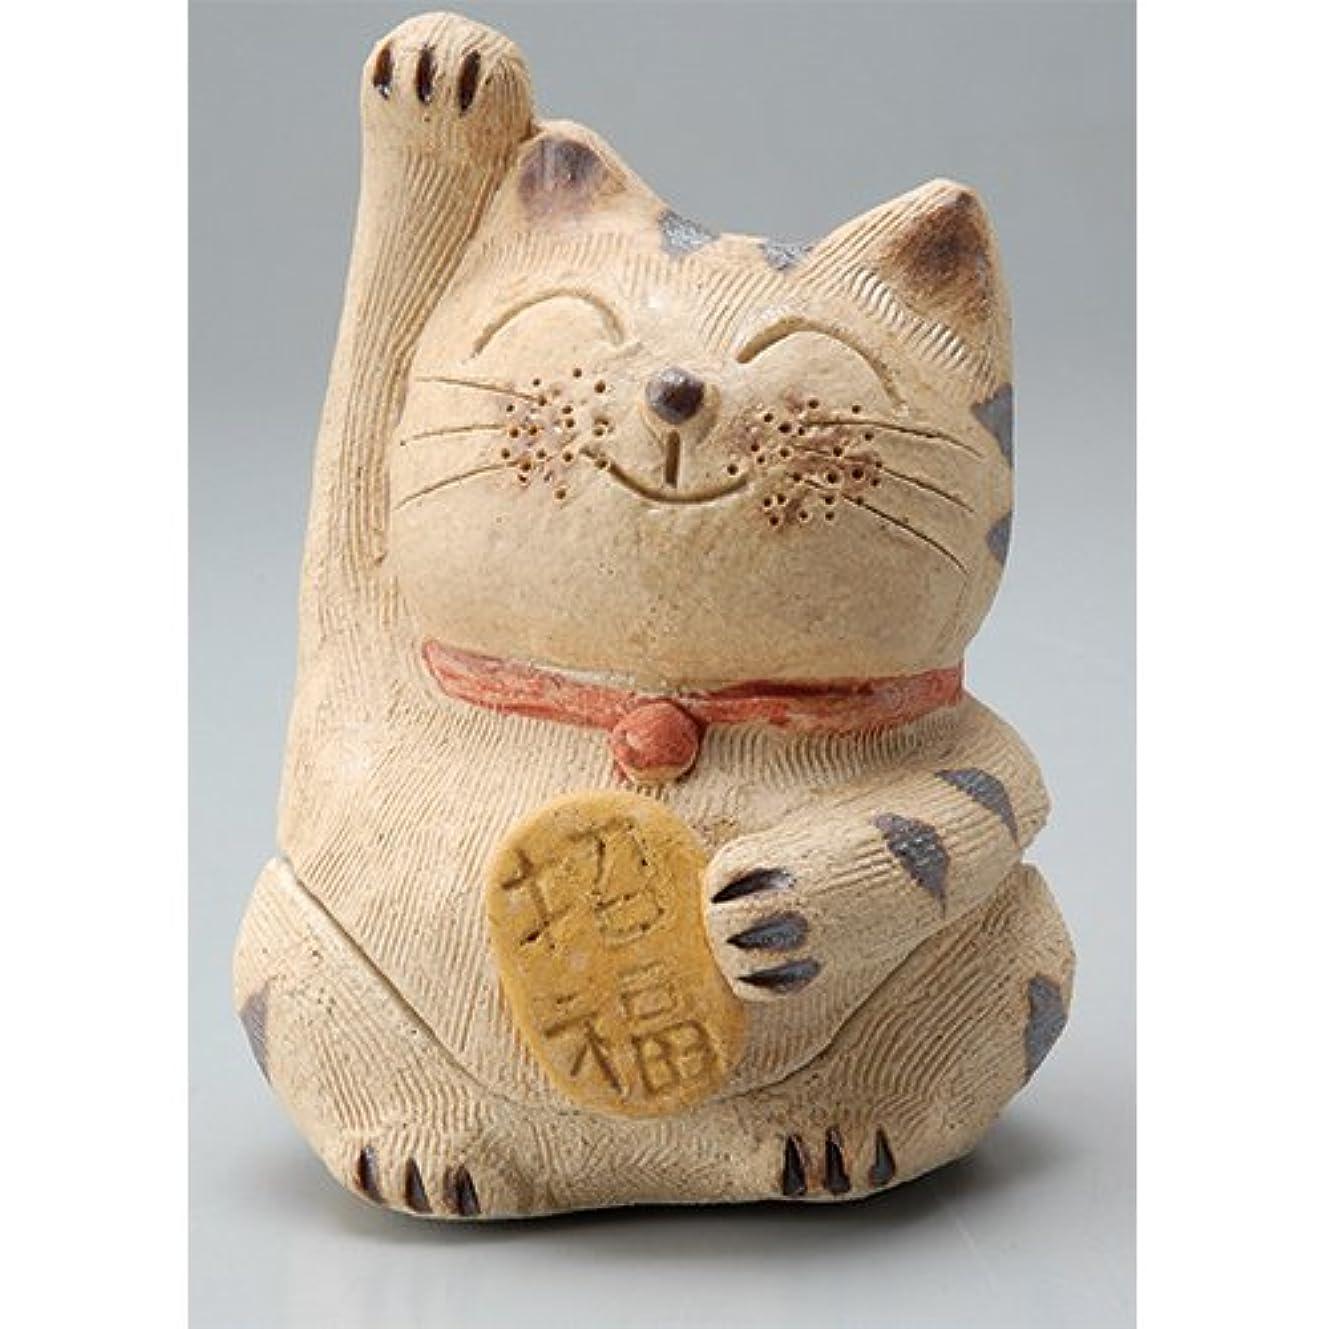 はっきりと話虫香炉 微笑み招き猫(お金招き)香炉(小) [H8.5cm] HANDMADE プレゼント ギフト 和食器 かわいい インテリア